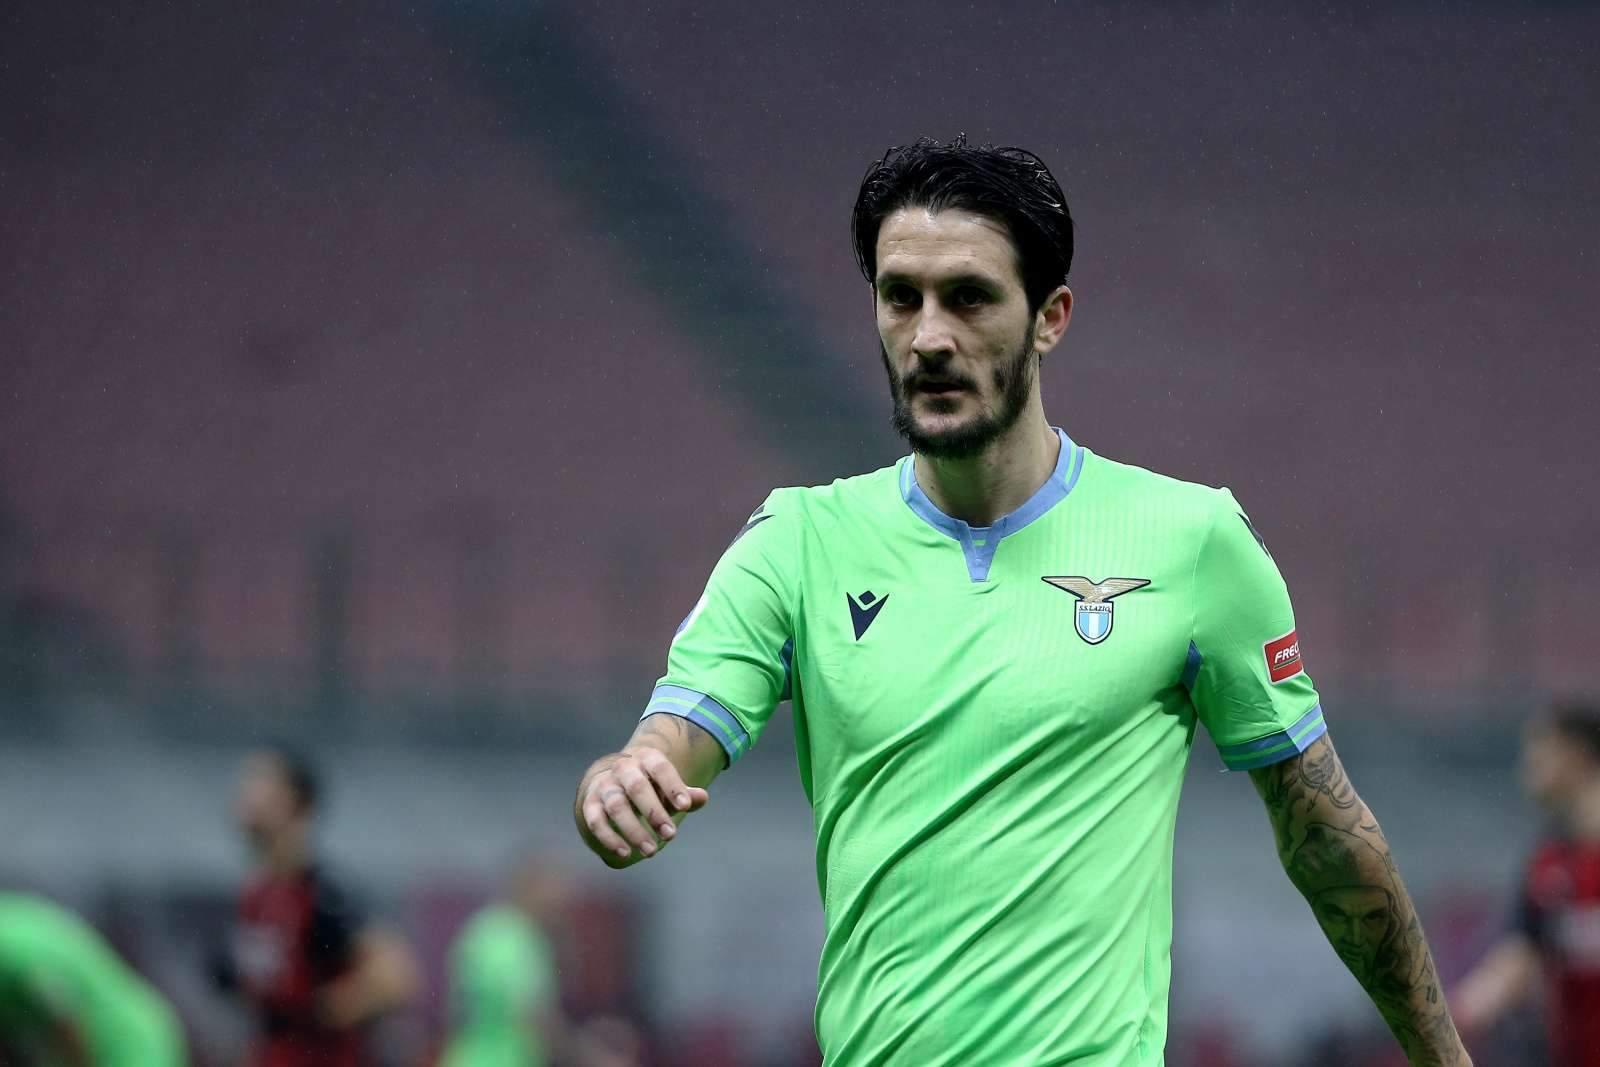 Альберто вернулся в общую группу «Лацио»